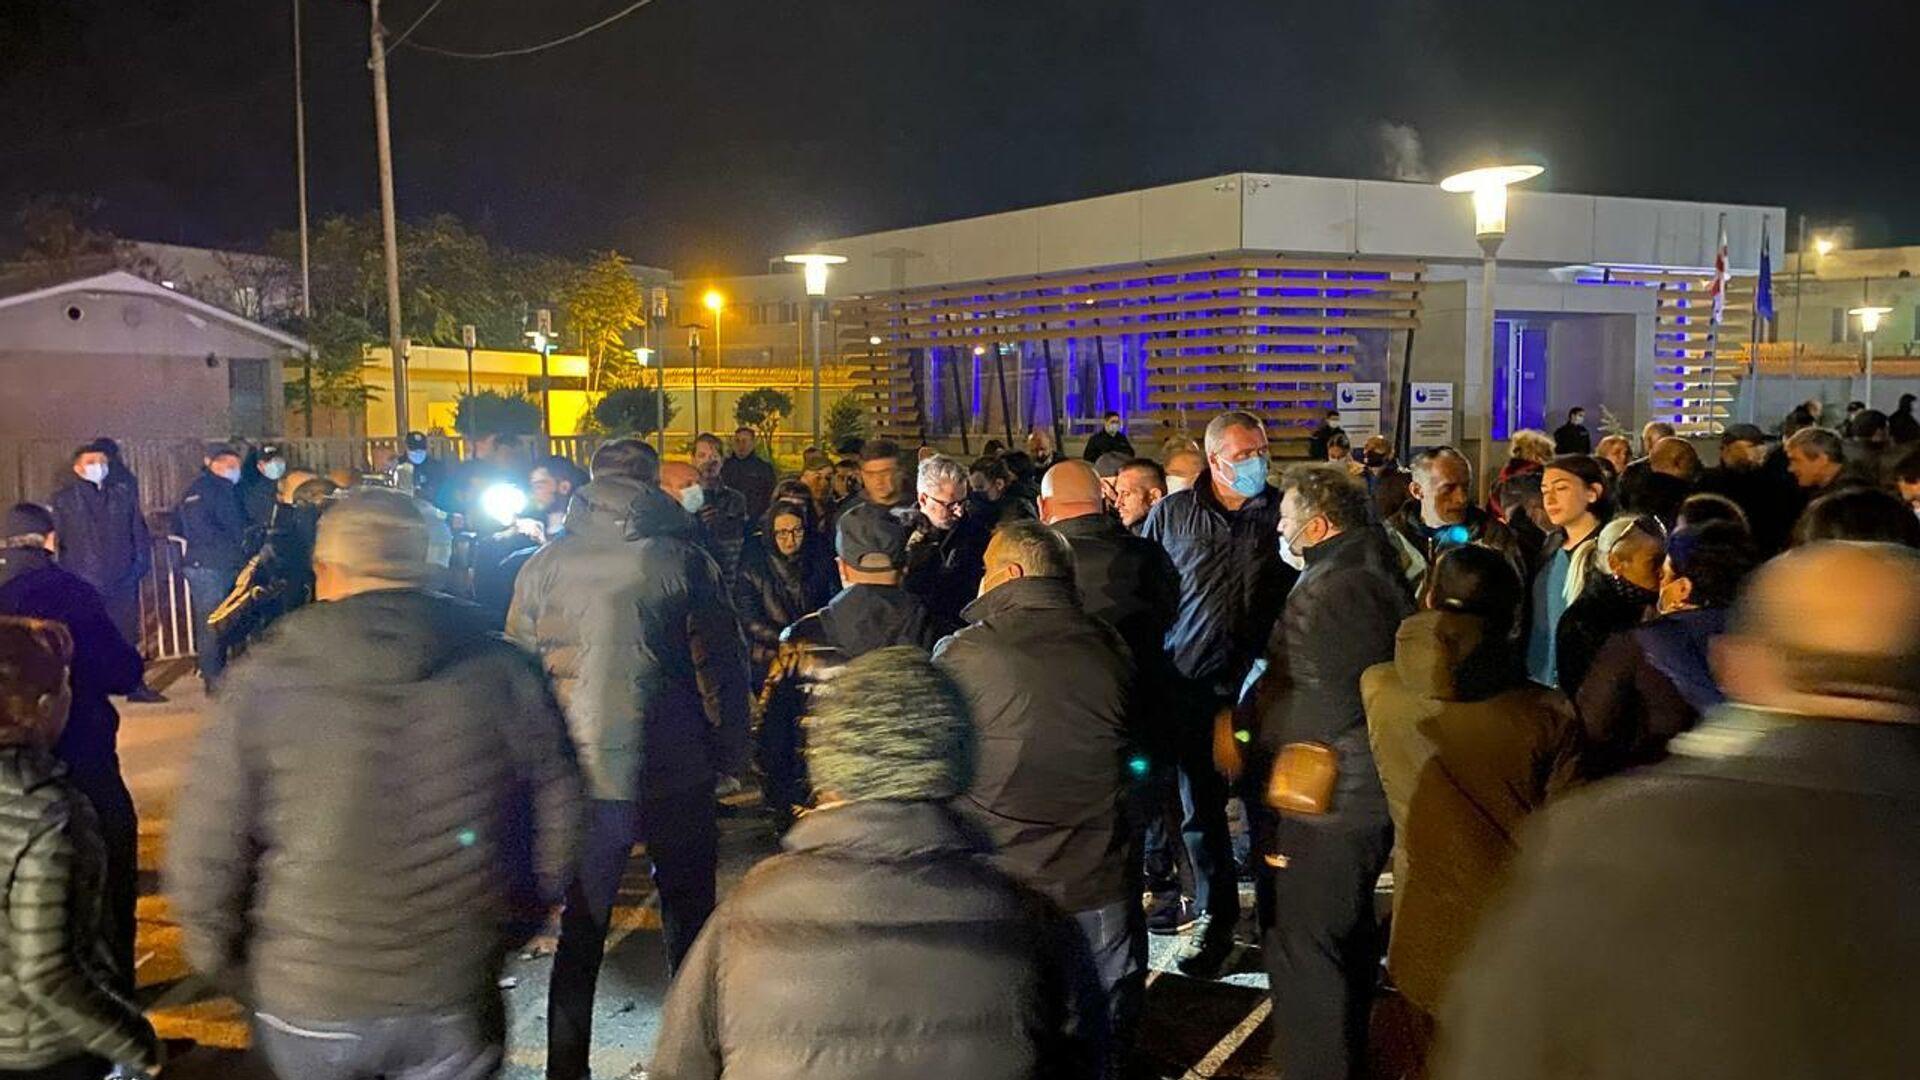 Ника Гварамия и соратники Саакашвили у Руставской тюрьмы 10 октября 2021 года - Sputnik Грузия, 1920, 11.10.2021